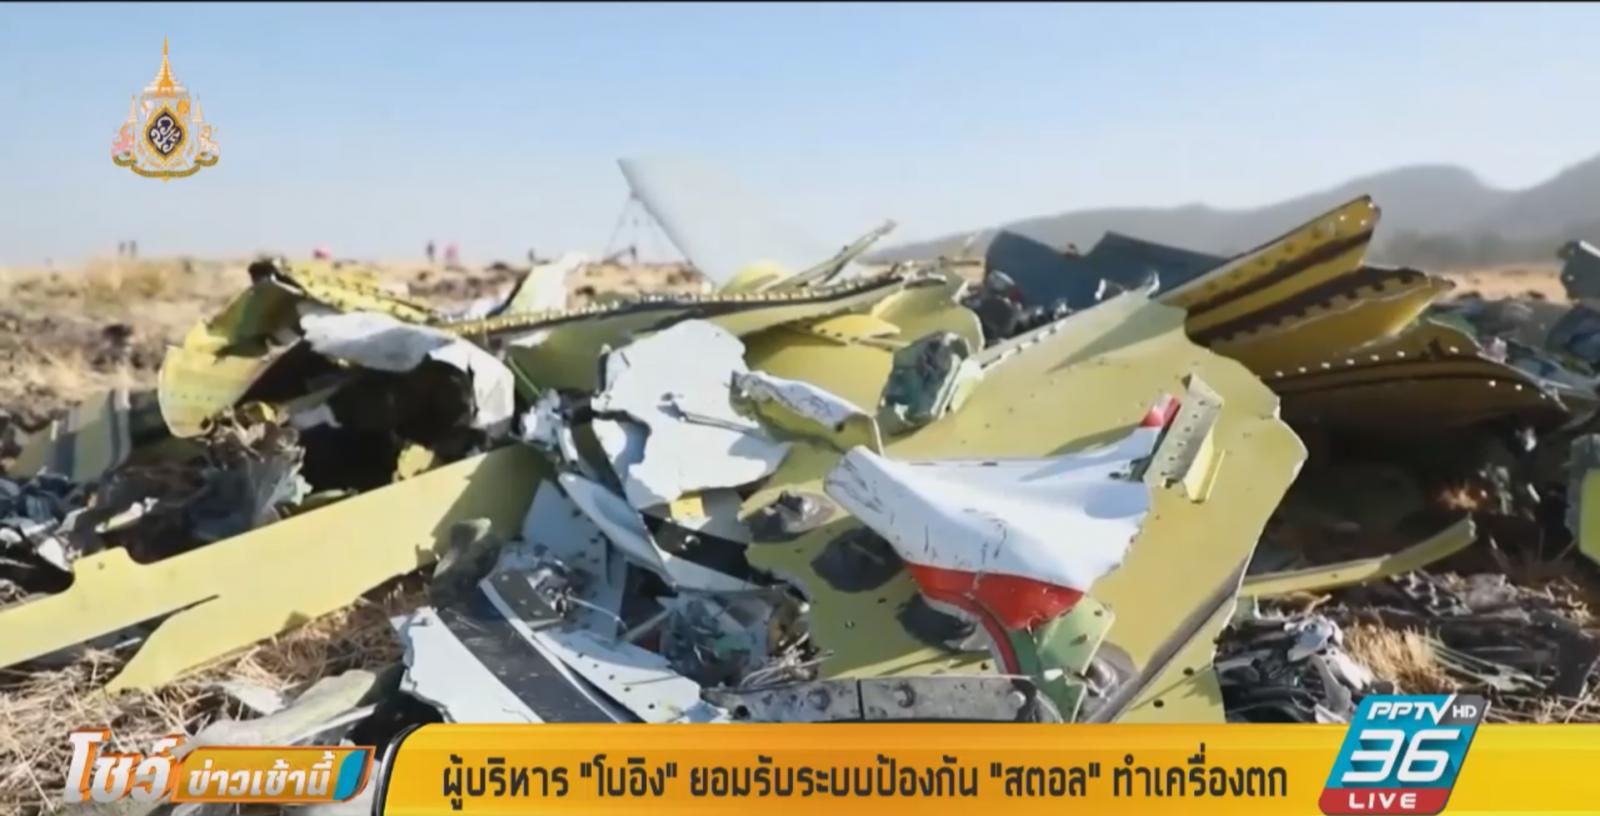 โบอิง ยอมรับซอฟต์แวร์ป้องกันเสียการทรงตัวผิดพลาด ทำ 737 แม็กซ์ โหม่งโลก 2 ลำ